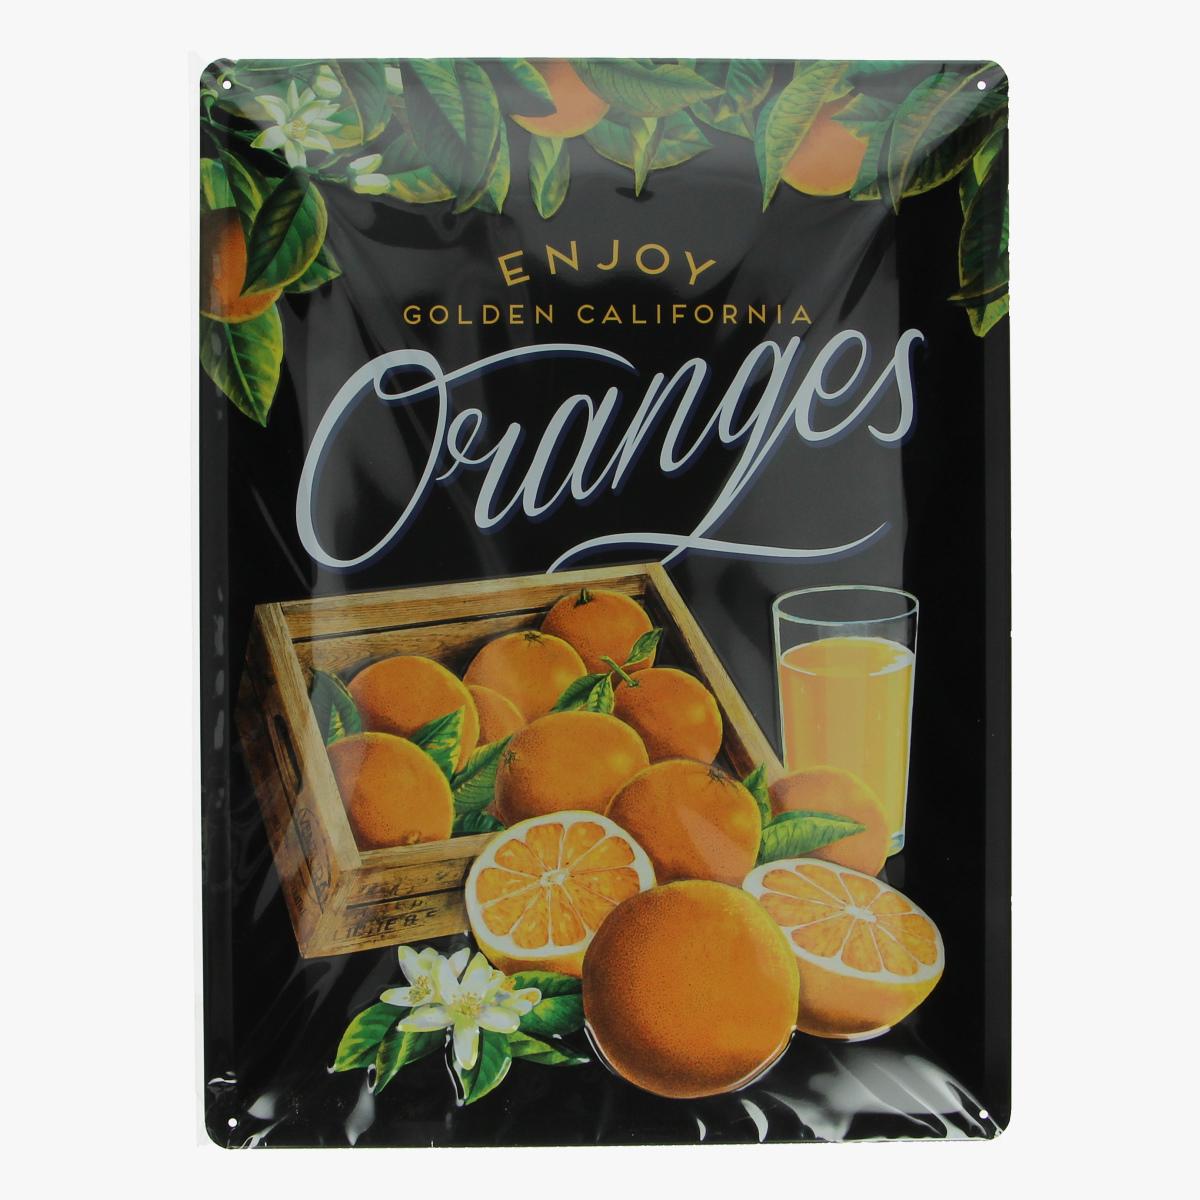 Afbeeldingen van blikken bord enjoy golden California oranges repro geseald